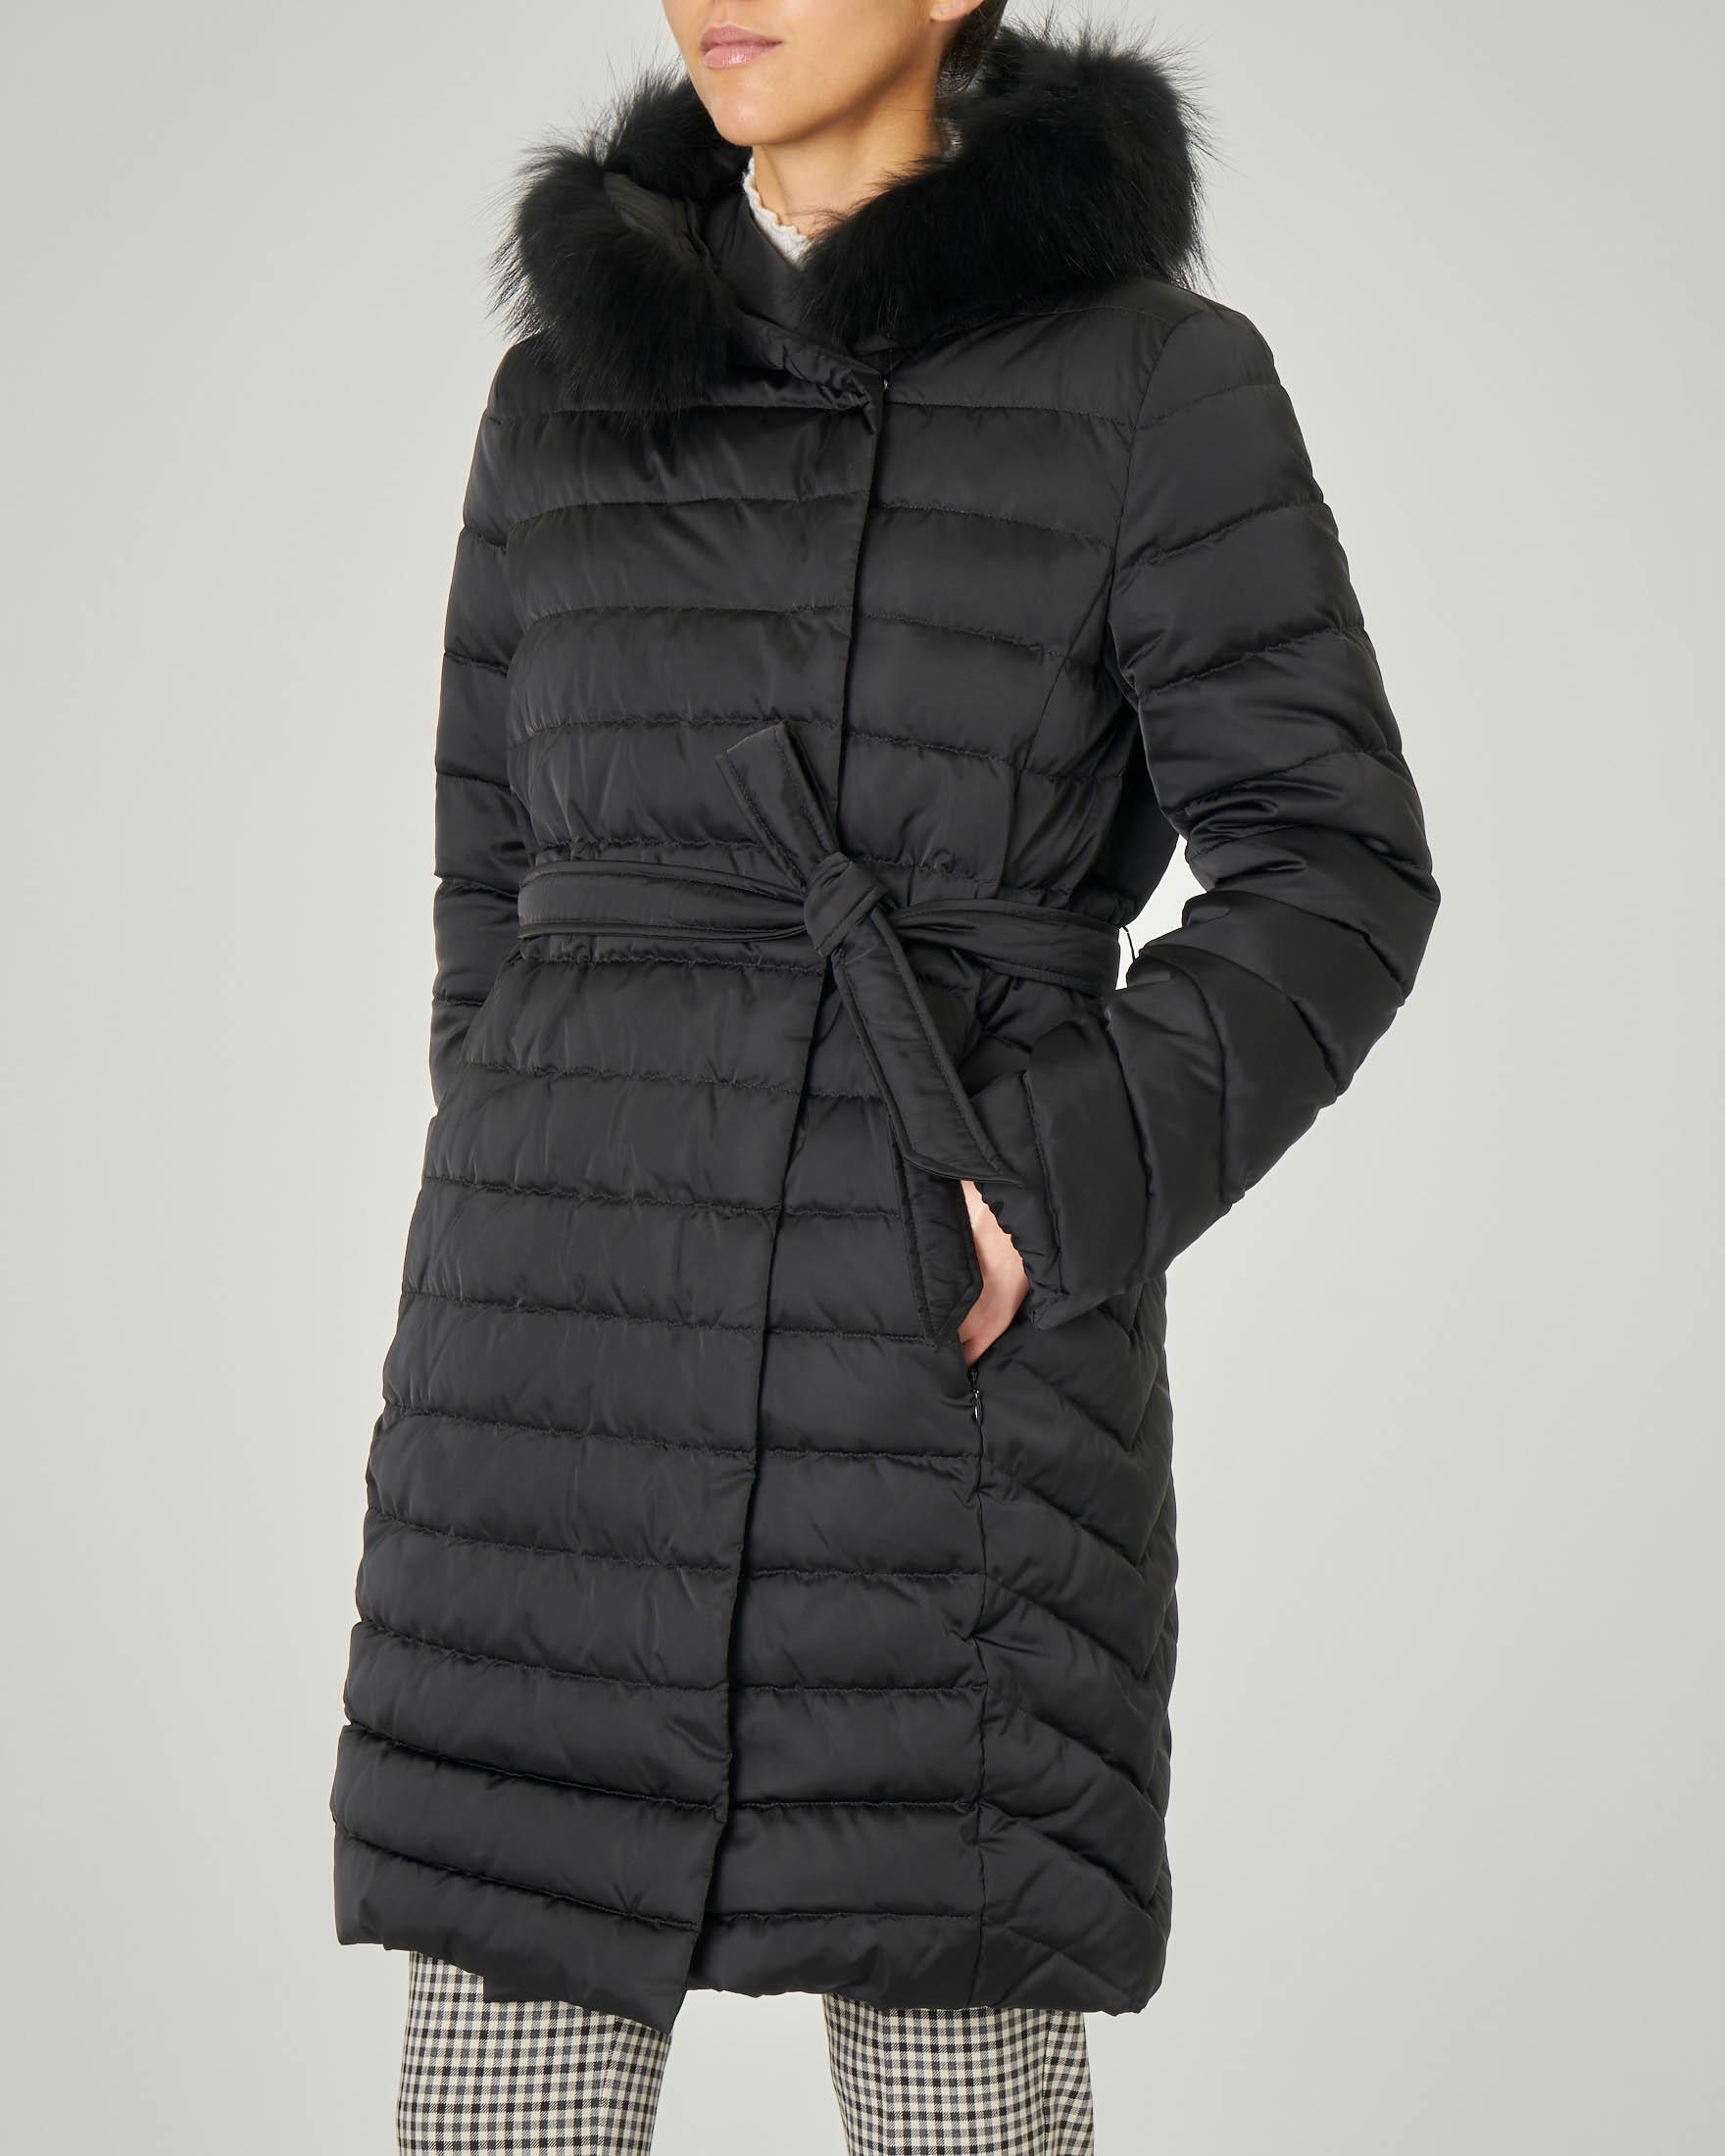 Piumino lungo nero doppiopetto in tessuto cangiante e cappuccio con bordatura in pelliccia removibile